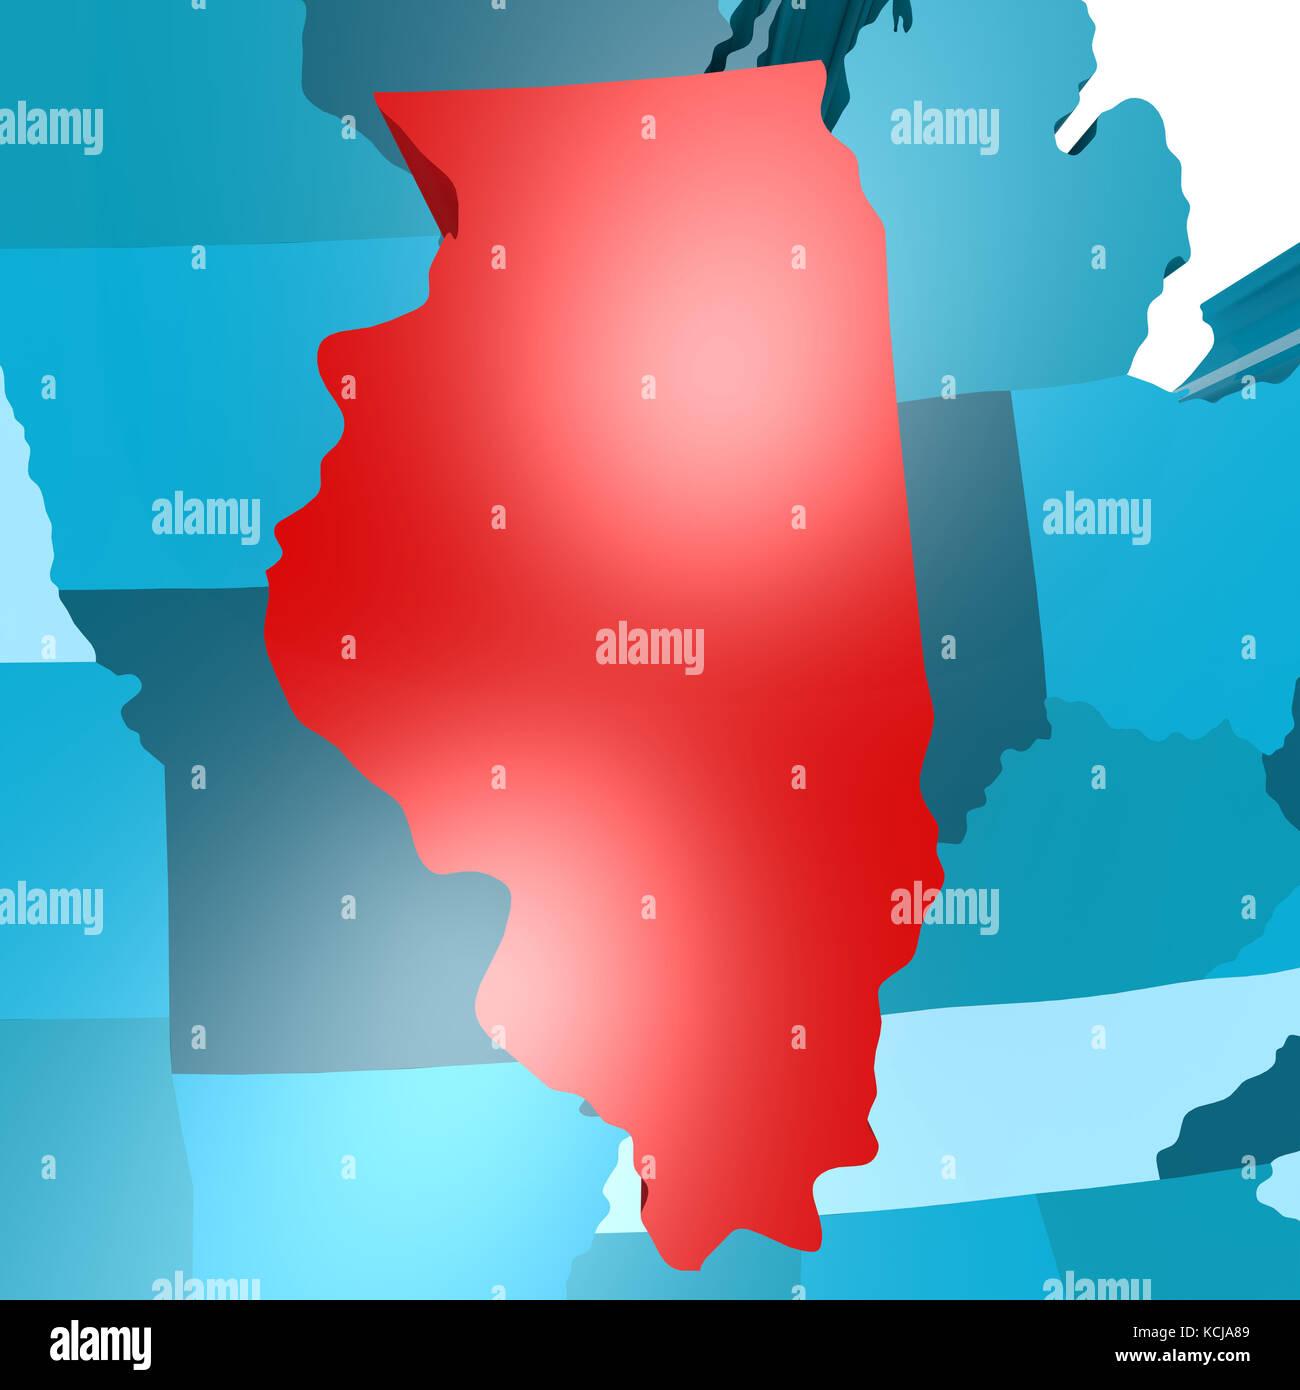 Illinois Border Stock Photos Illinois Border Stock Images Alamy - Illinois map usa